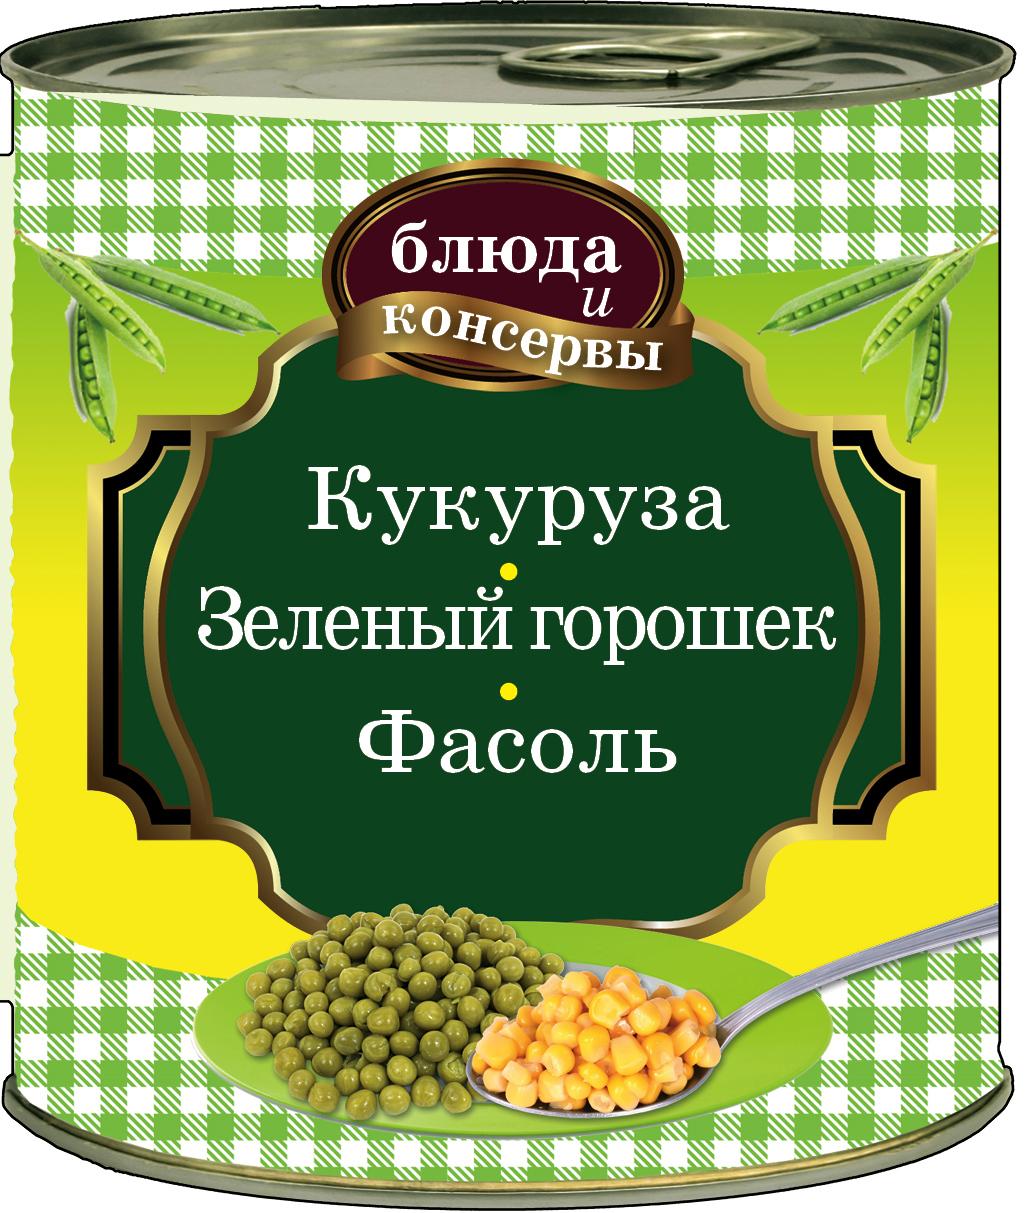 Блюда и консервы. Кукуруза. Зеленый горошек. Фасоль цена 2017